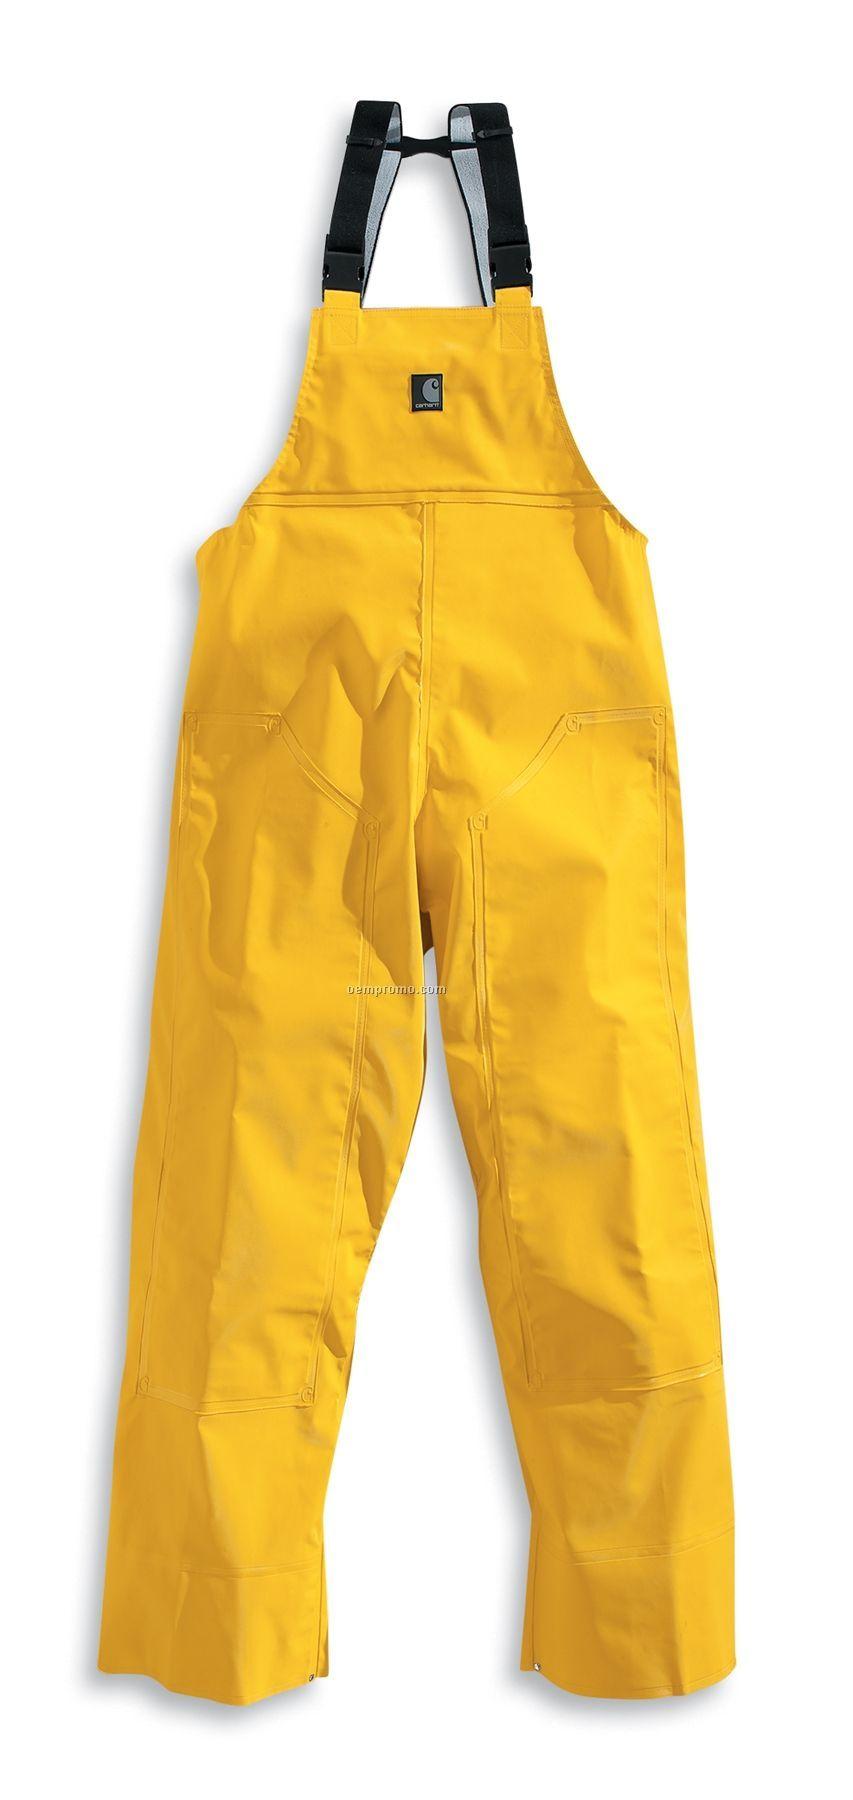 Carhartt Men's Pvc Rain Bib Overall (0.5 Mm)